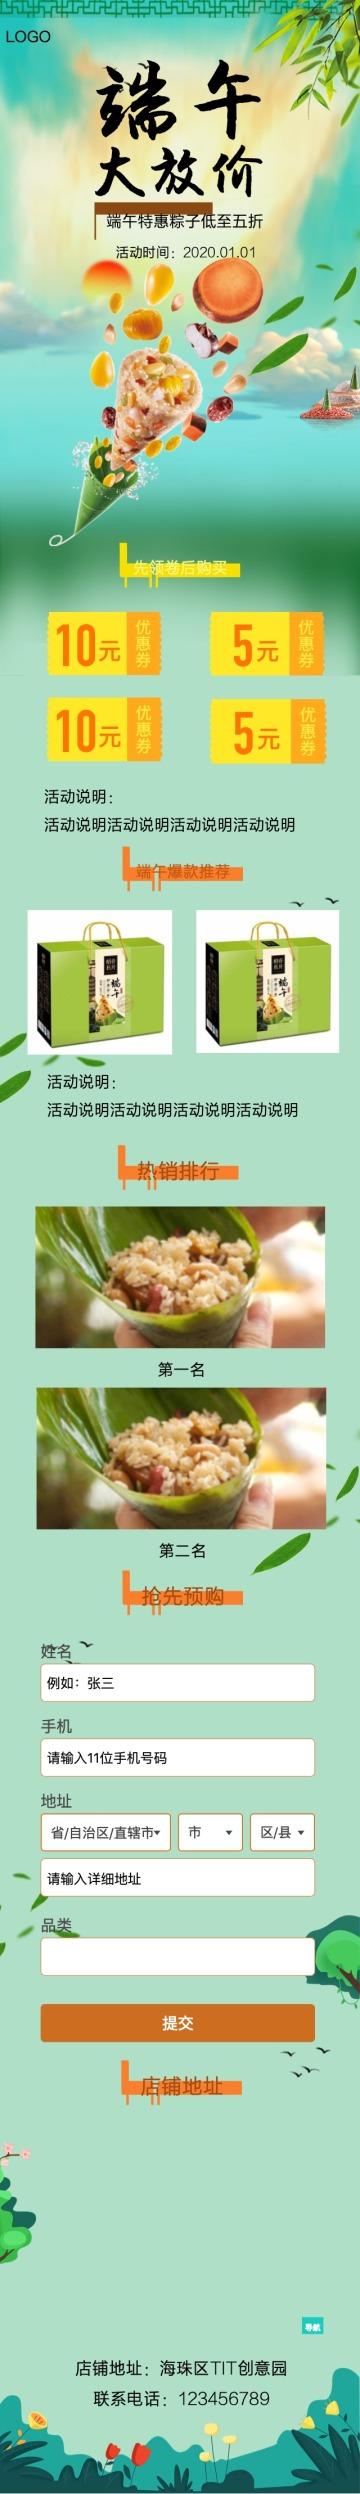 端午节中国风古风百货零售食品粽子促销推广单页